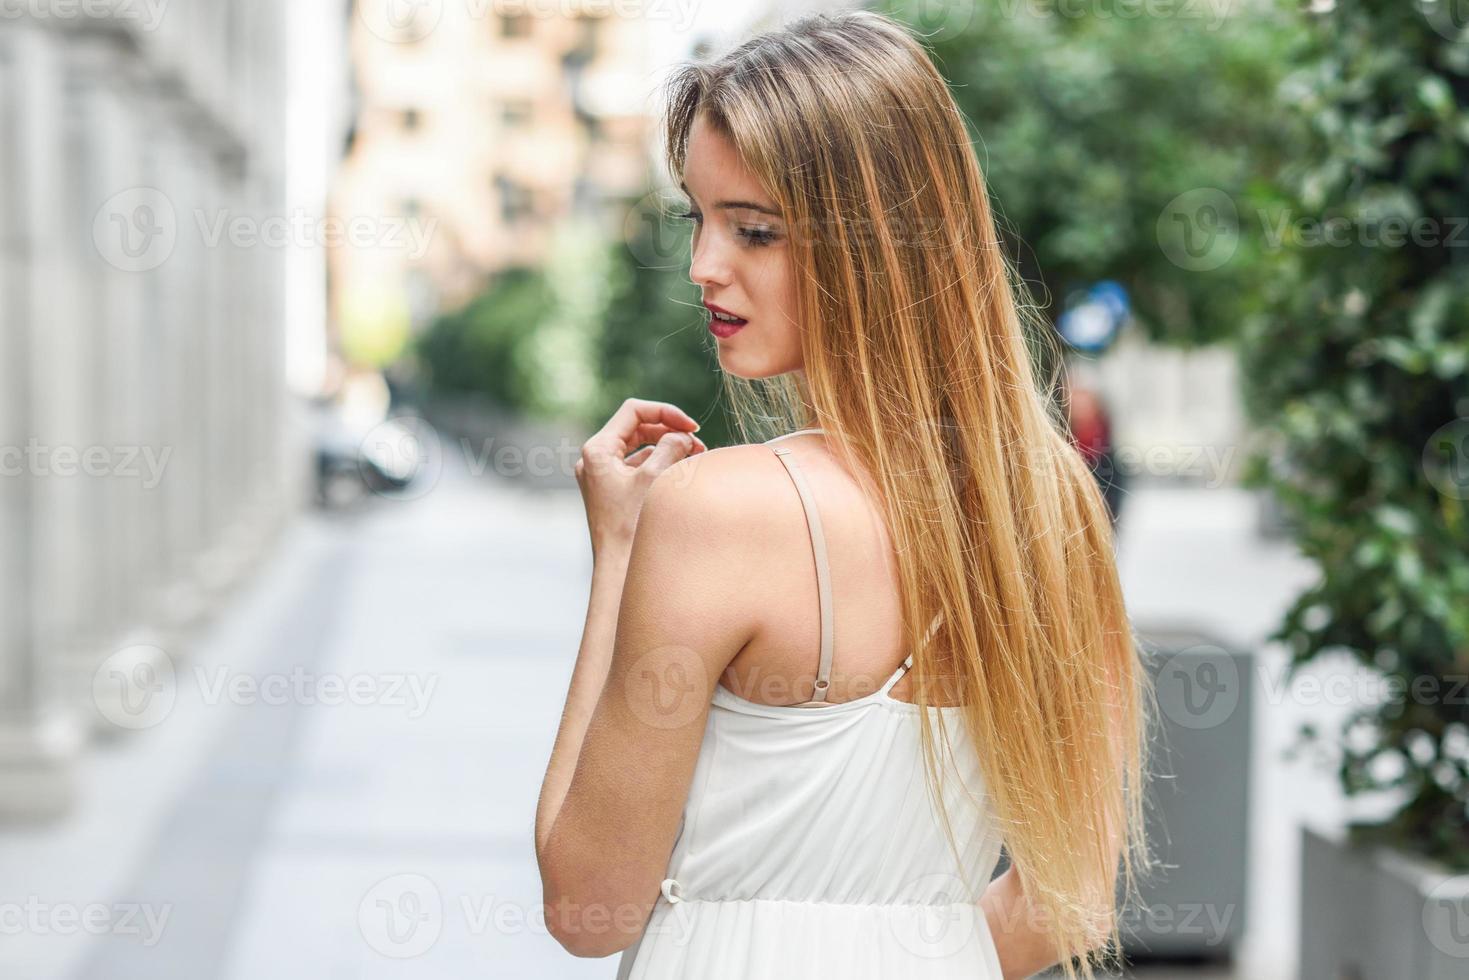 schönes blondes Mädchen im städtischen Hintergrund foto